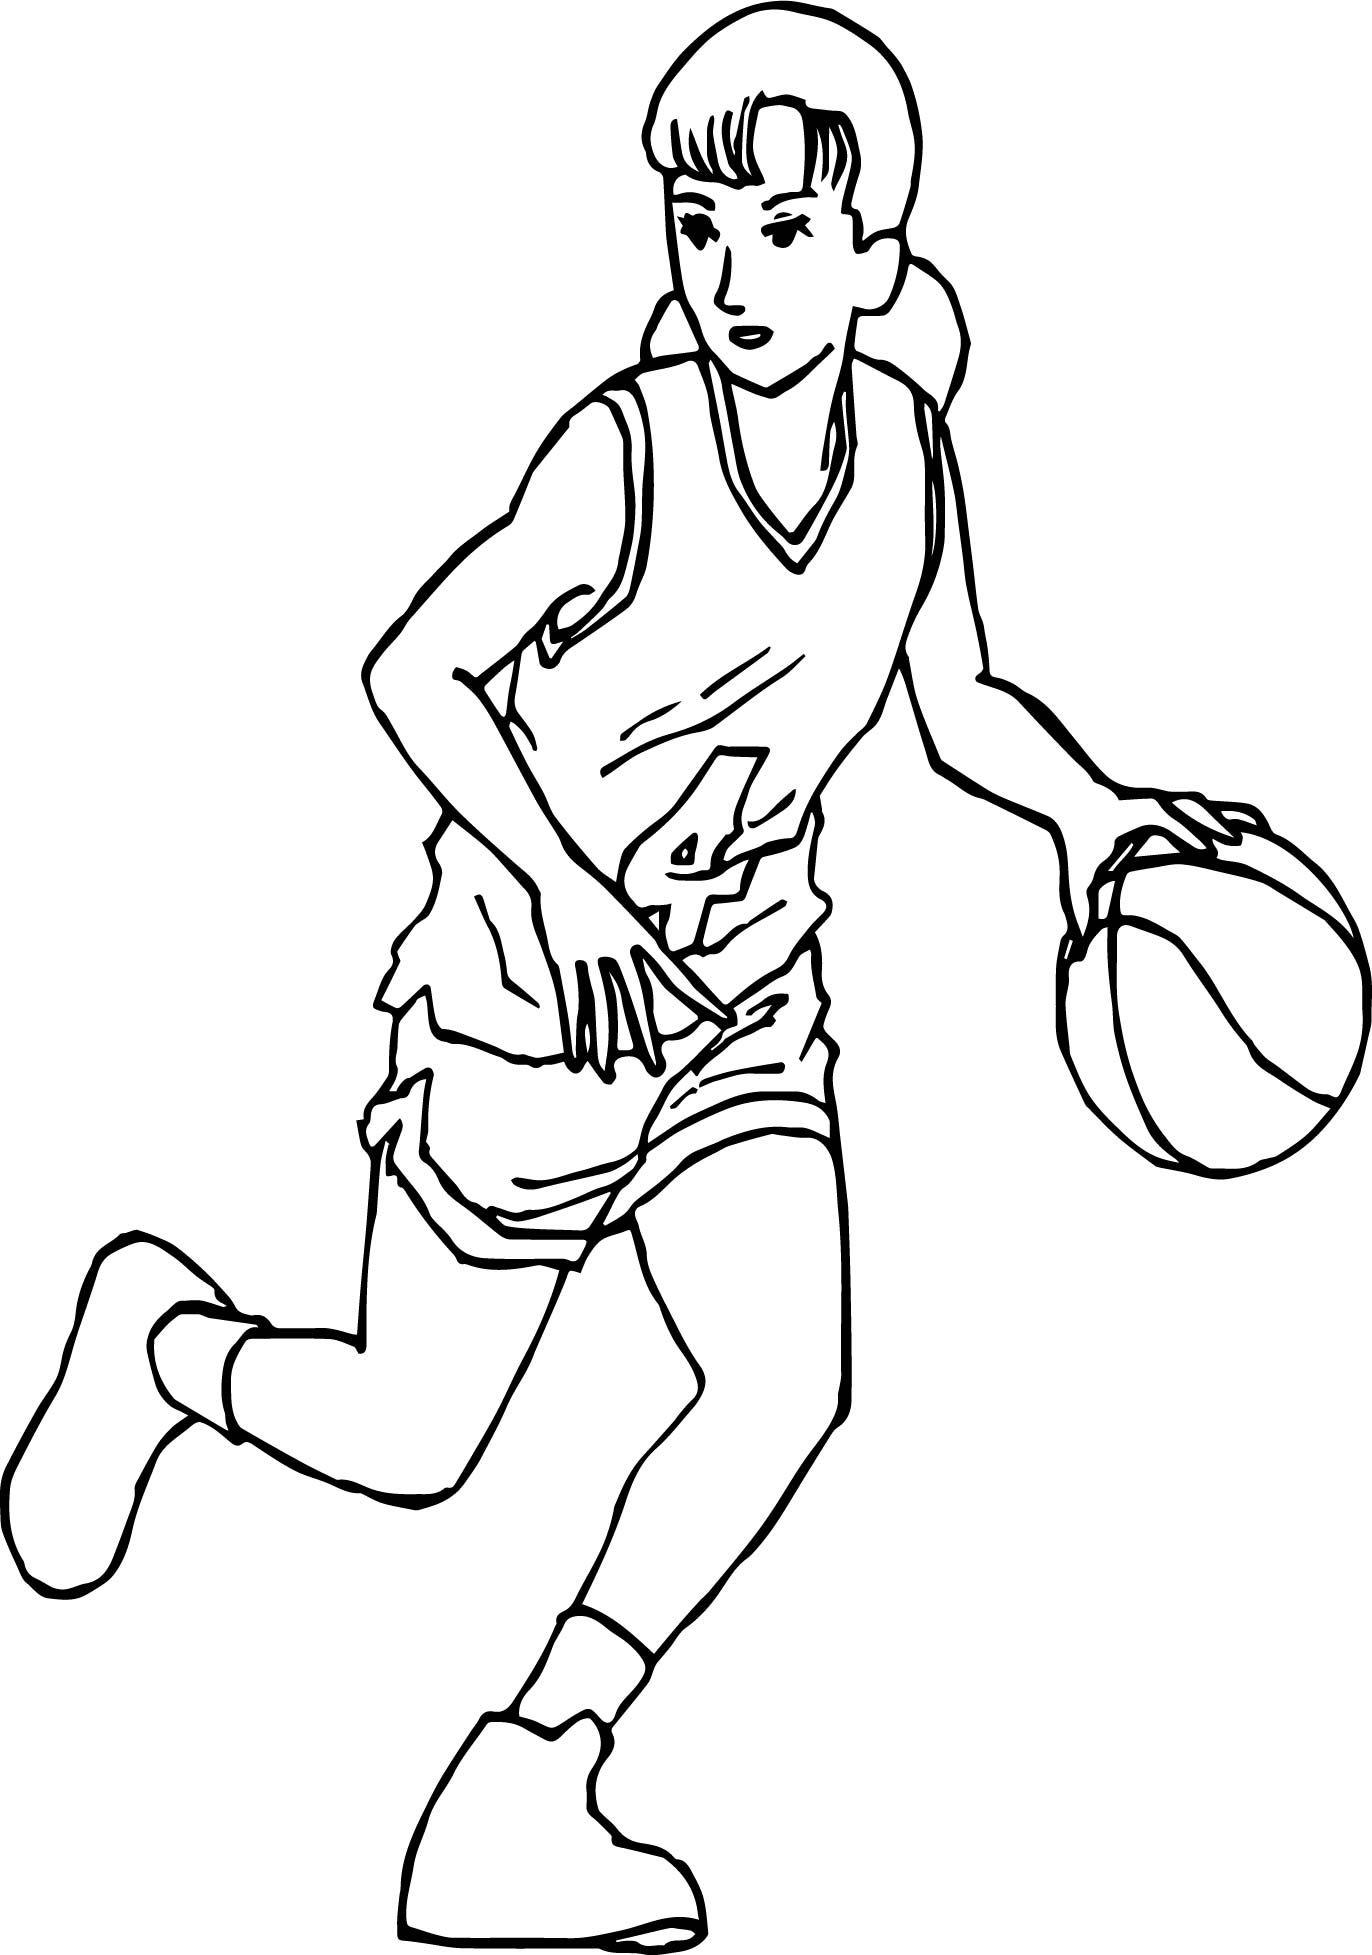 Nice Good Manga Girl Playing Basketball Coloring Page Baseball Coloring Pages Football Coloring Pages Sports Coloring Pages